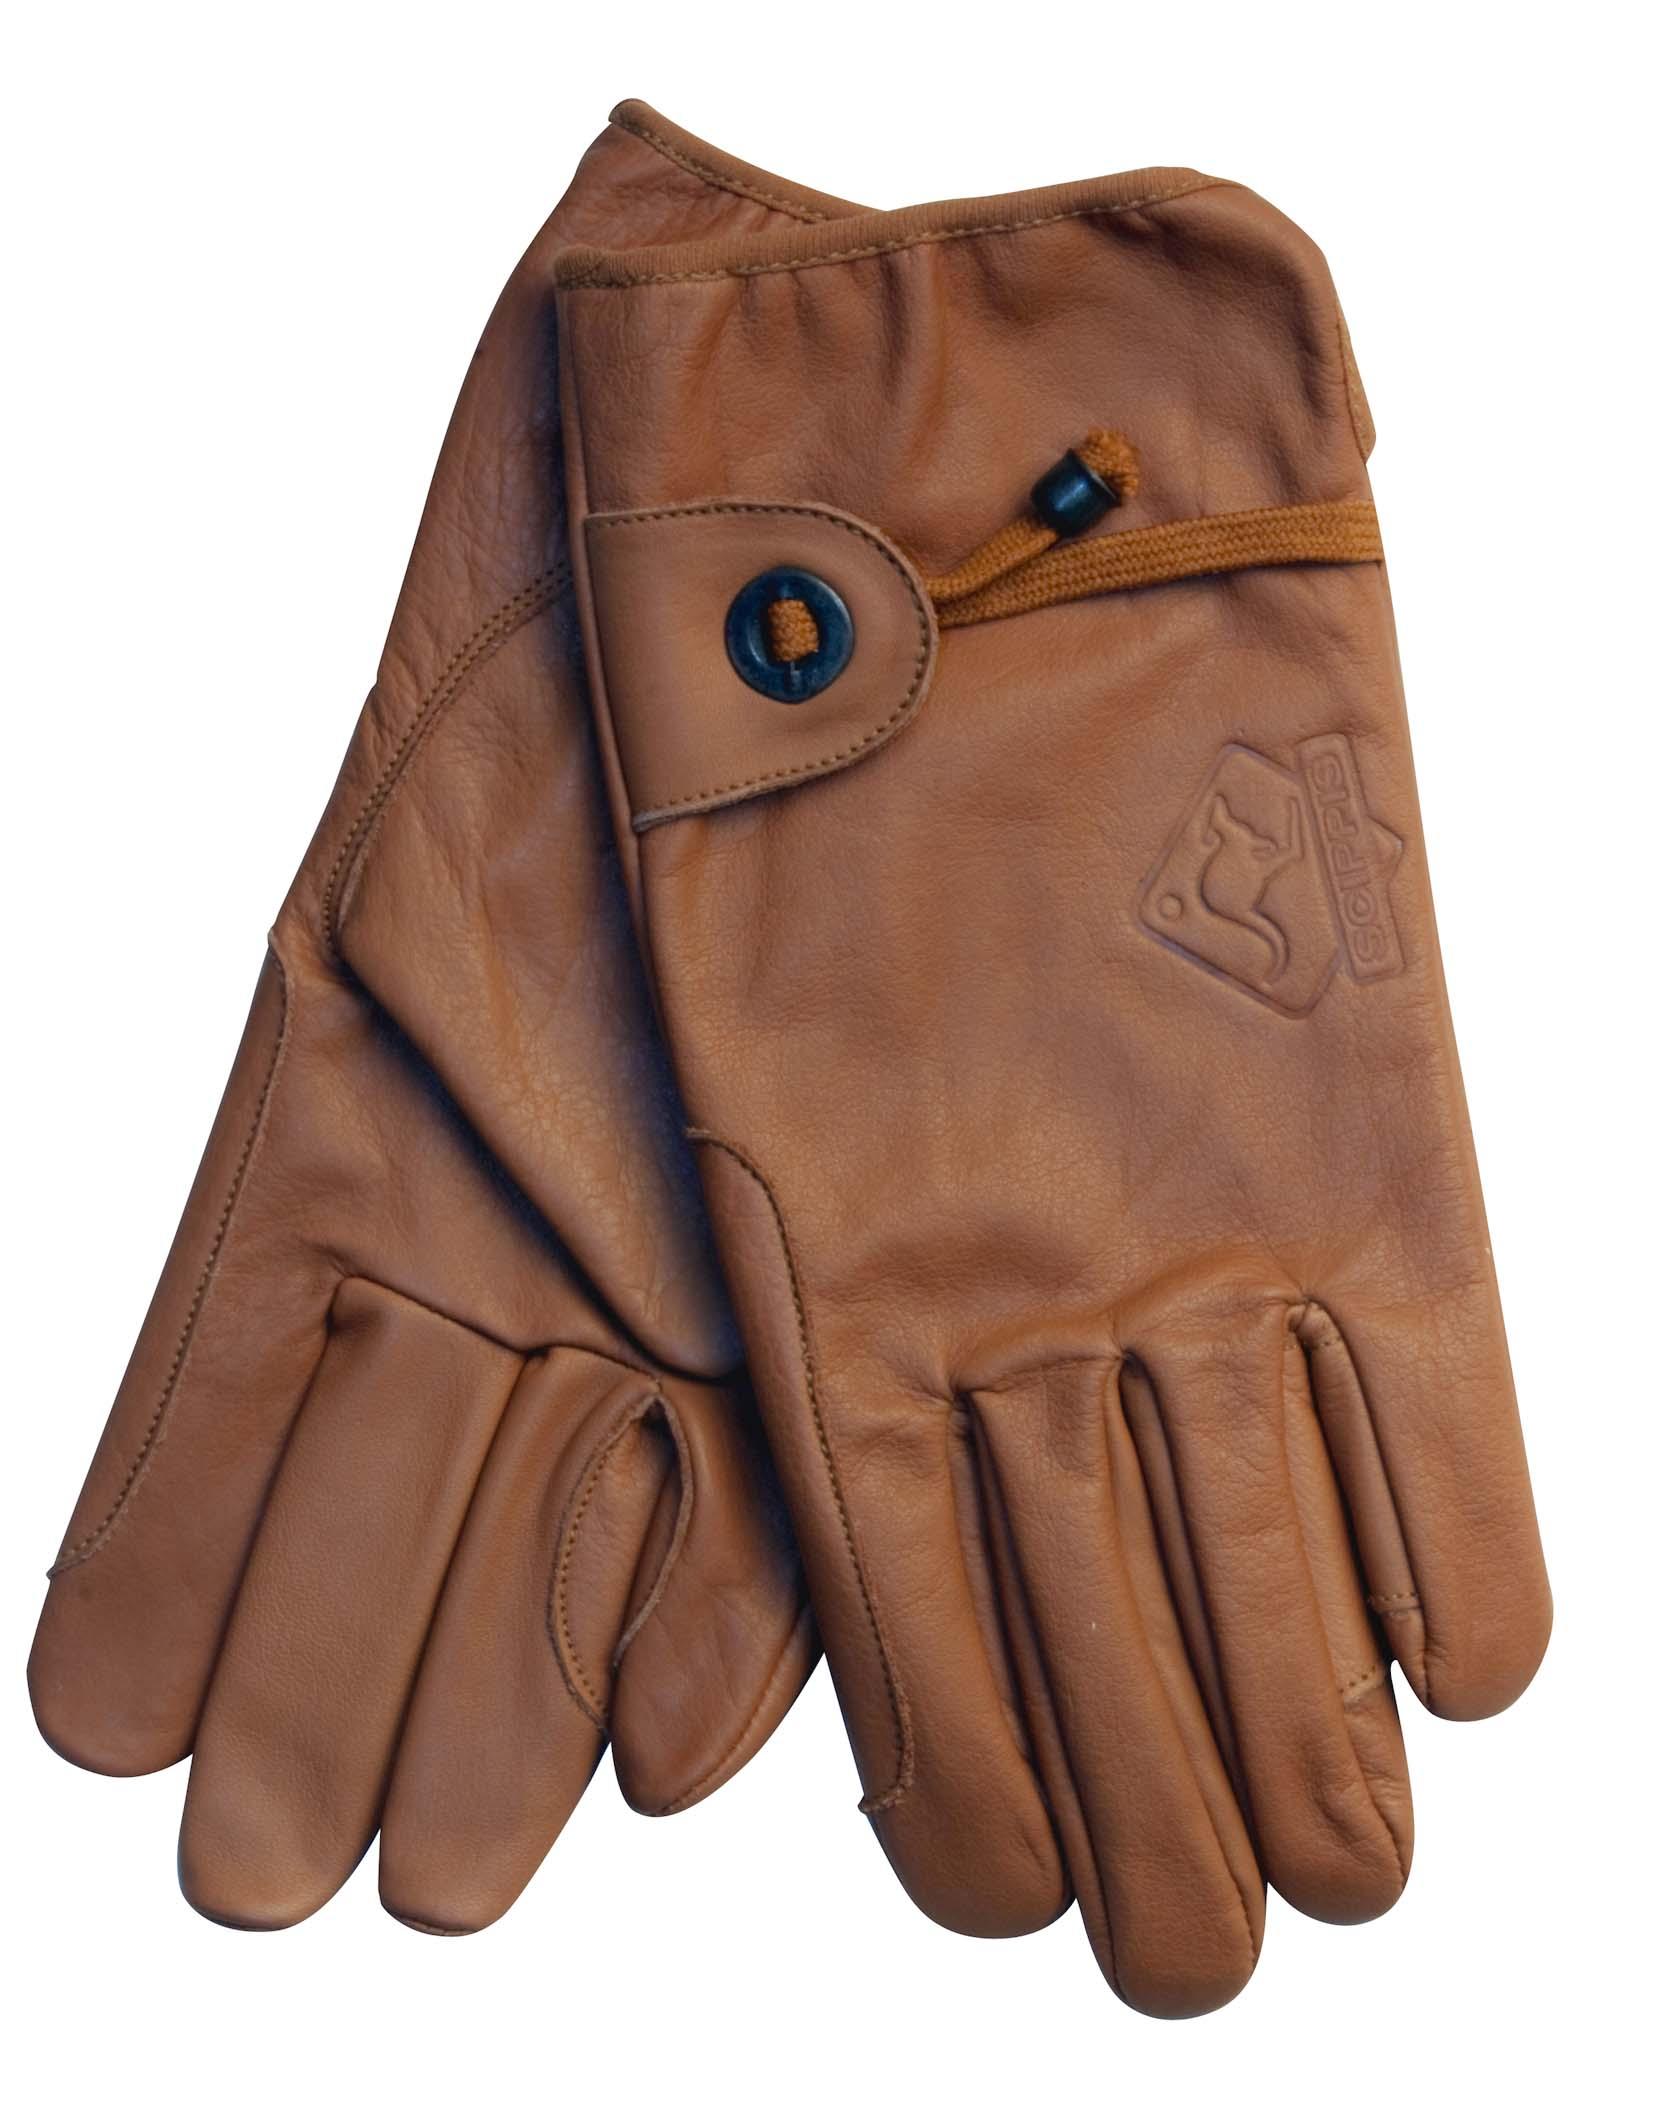 Scippis Leder Handschuhe-Braun-XL